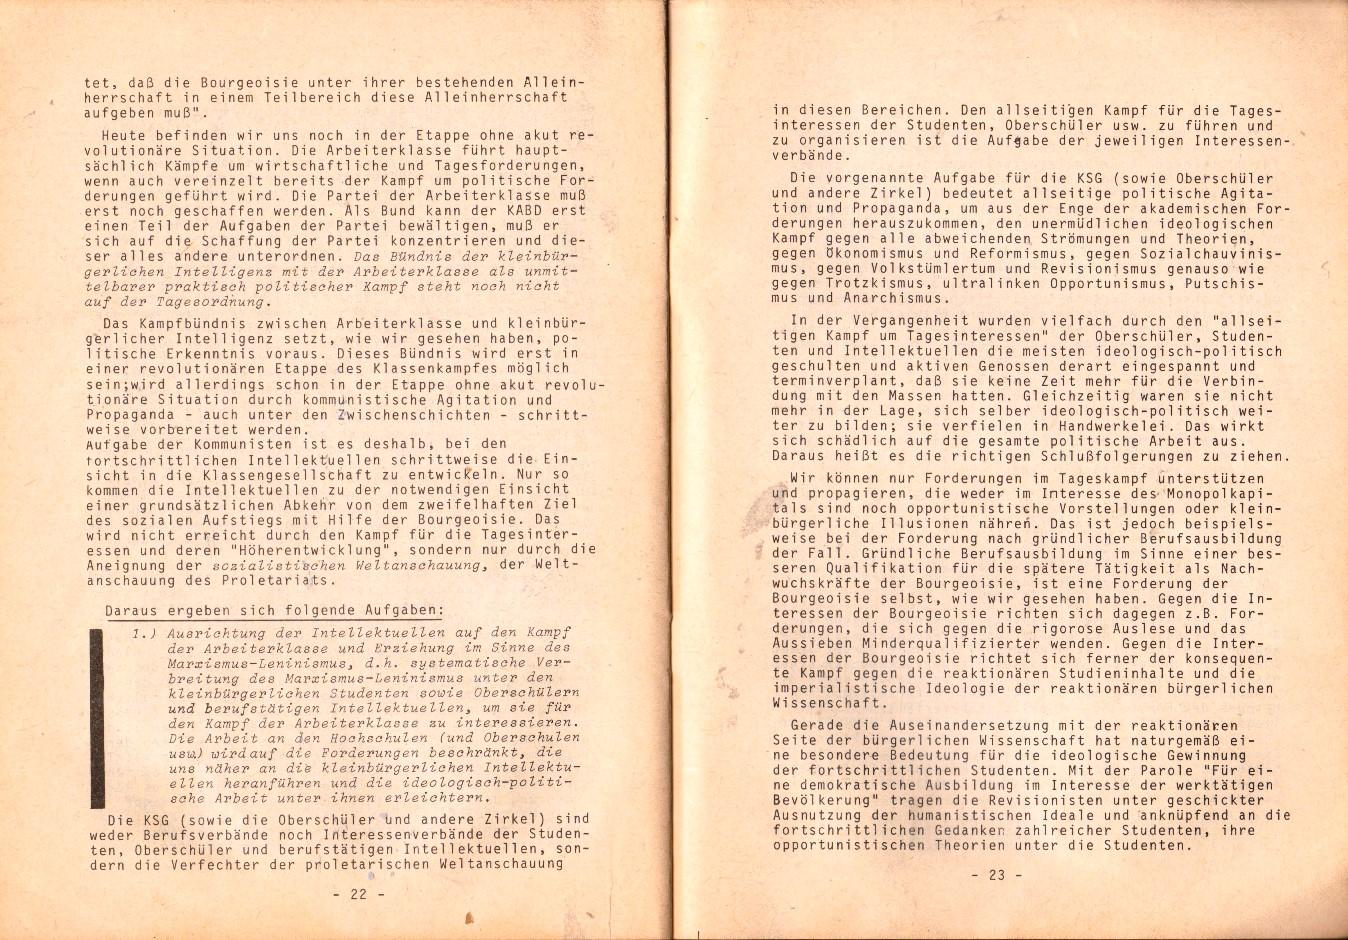 KABD_1976_Parteiaufbau_und_Intellektuellenfrage_15